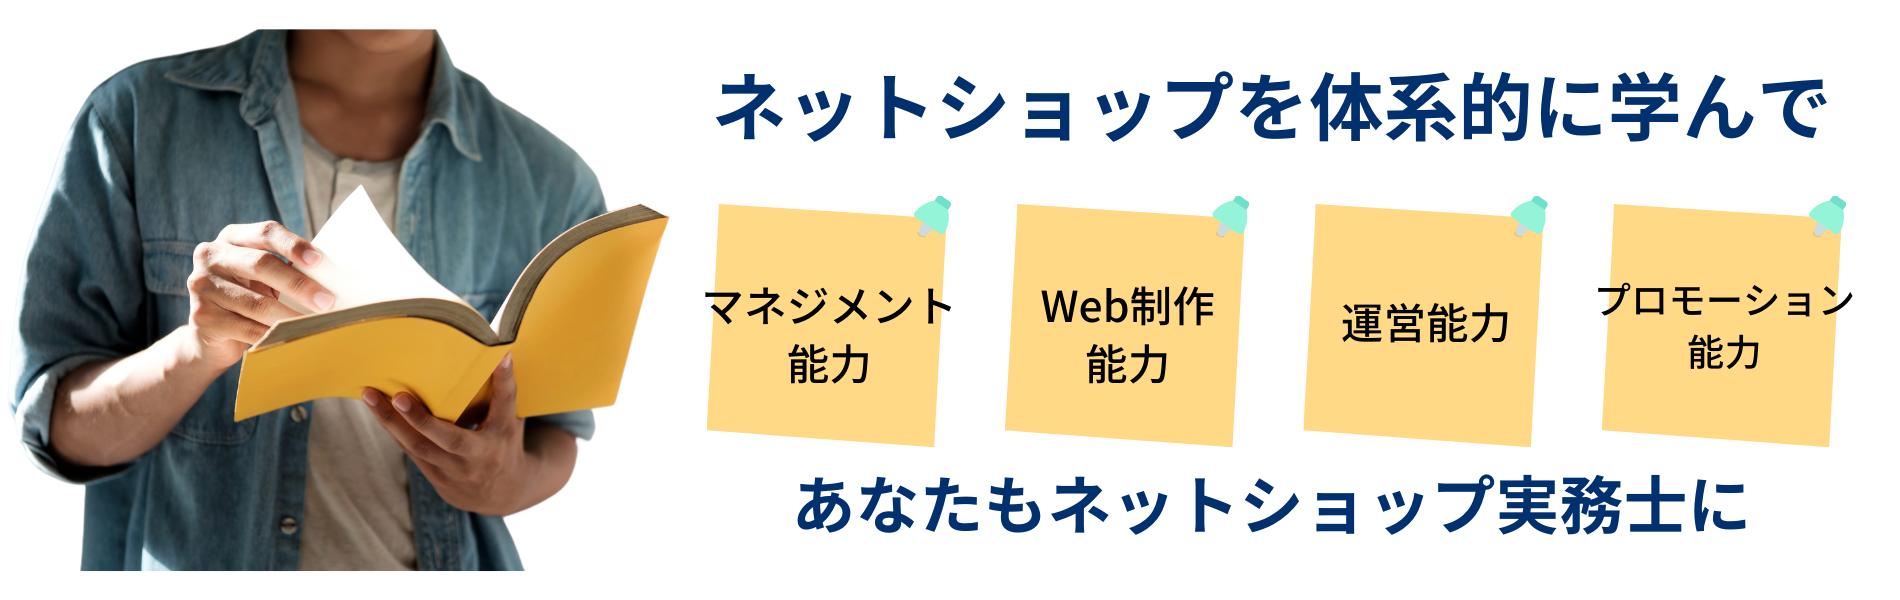 ネットショップ検定|ネットショップ能力認定機構 | ネットショップ運営 ...